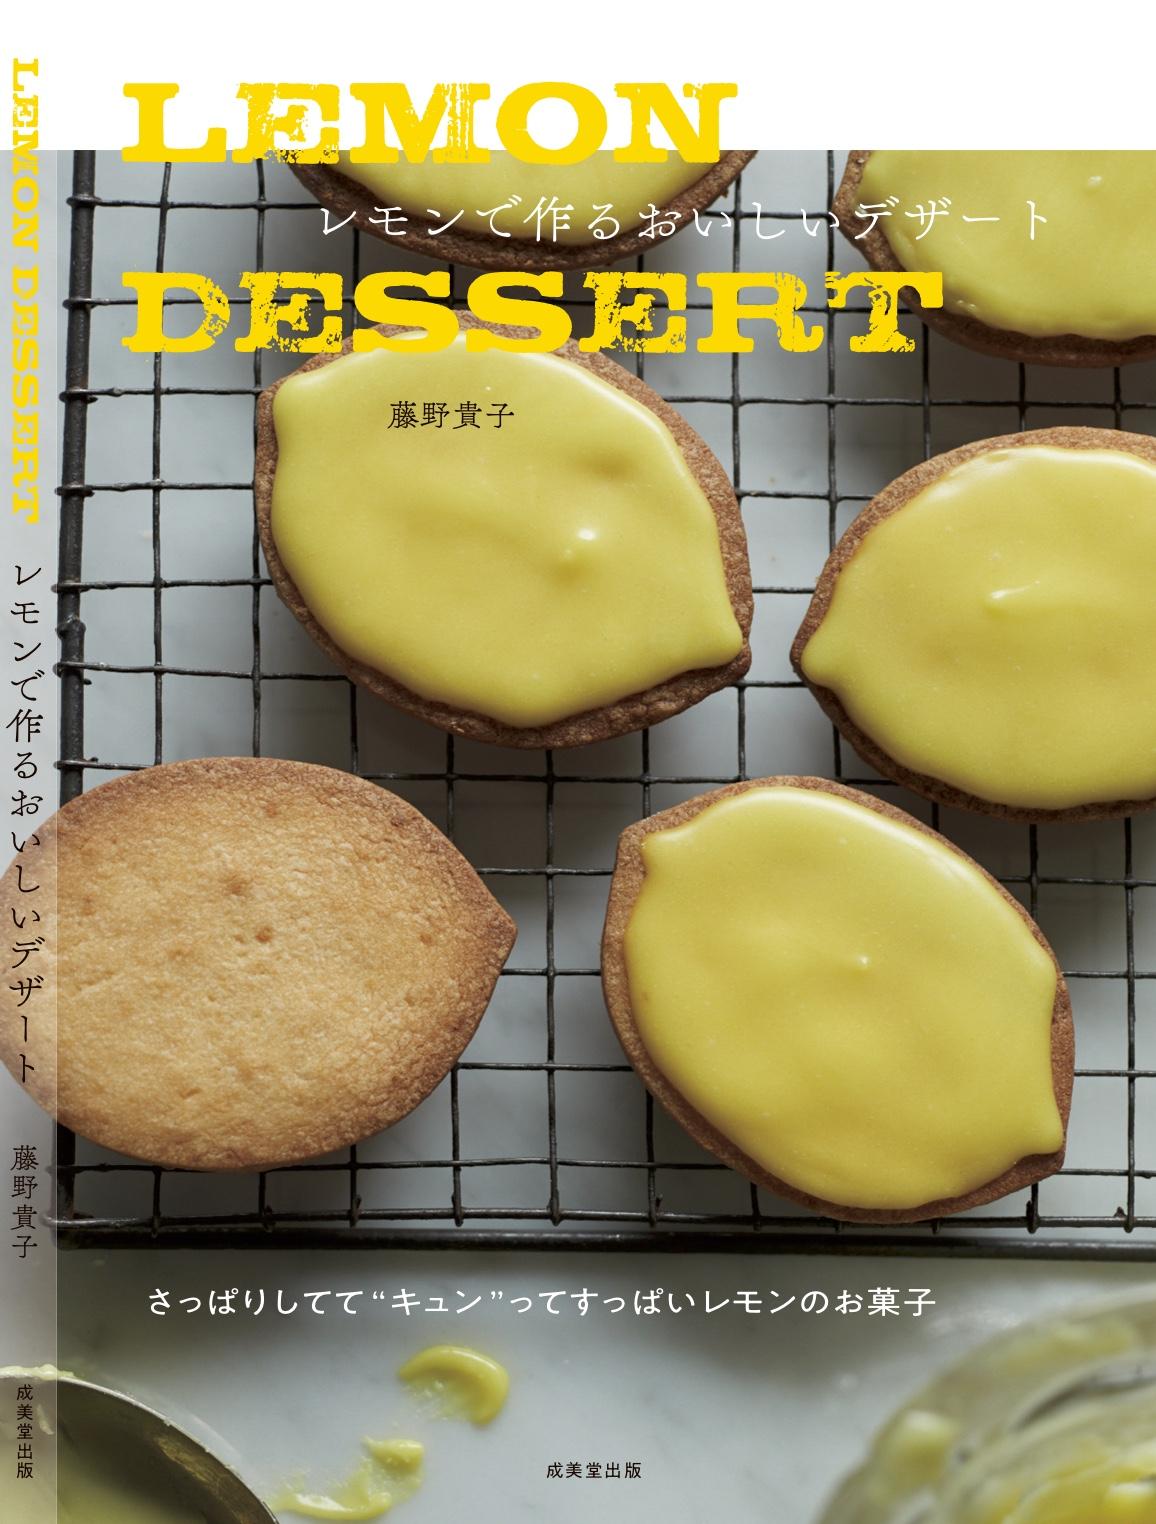 レシピ本:レモンデザート